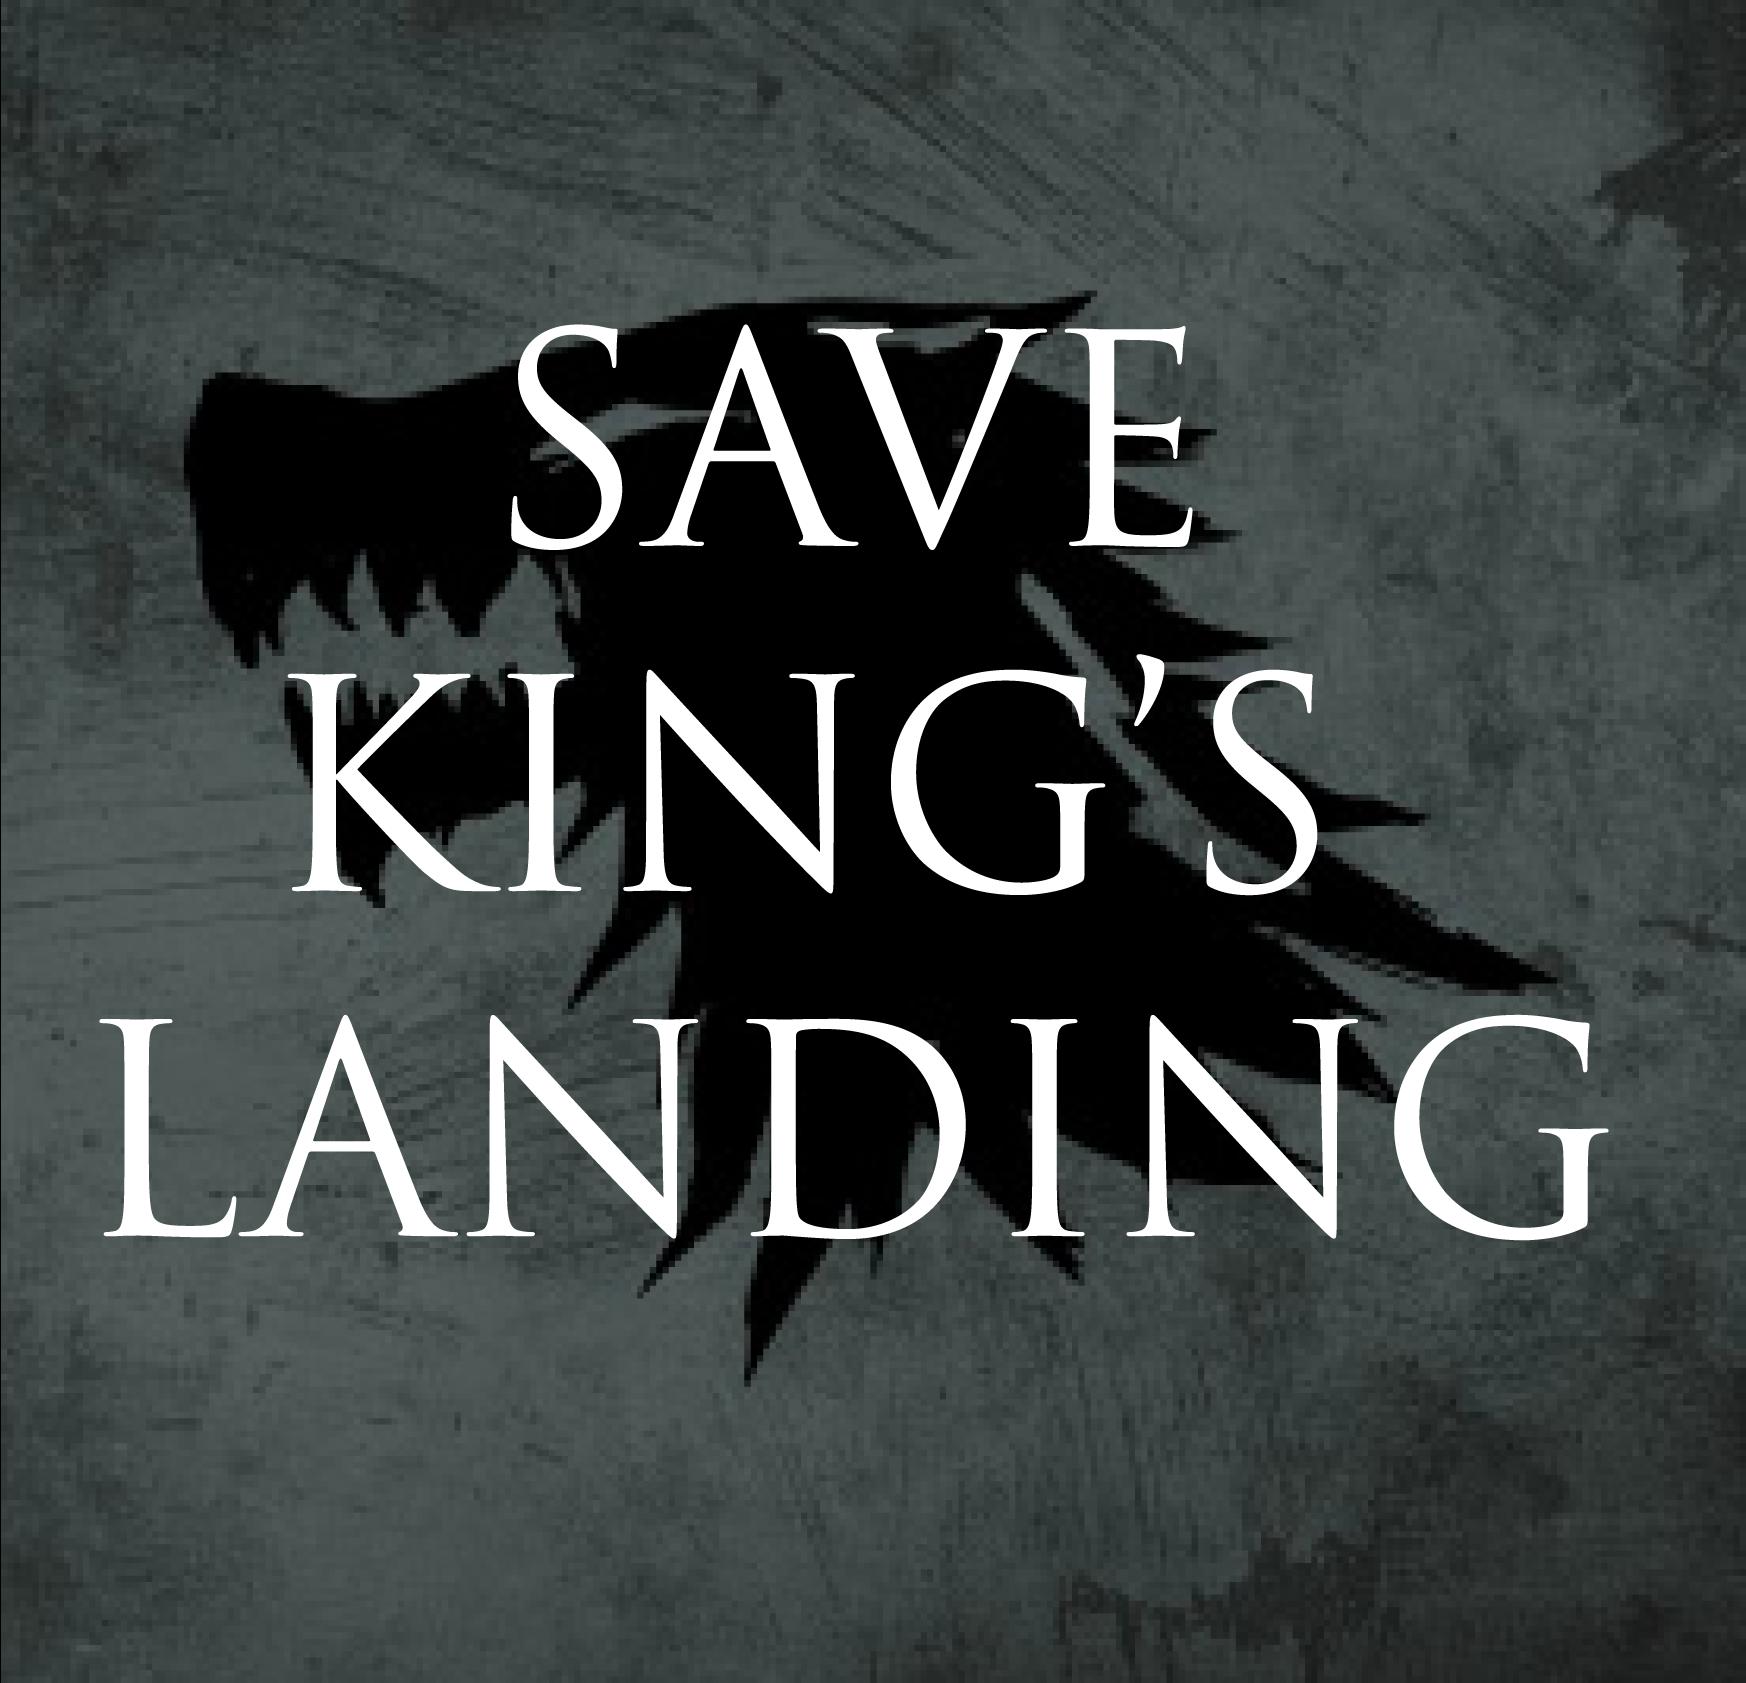 Save King's Landing!